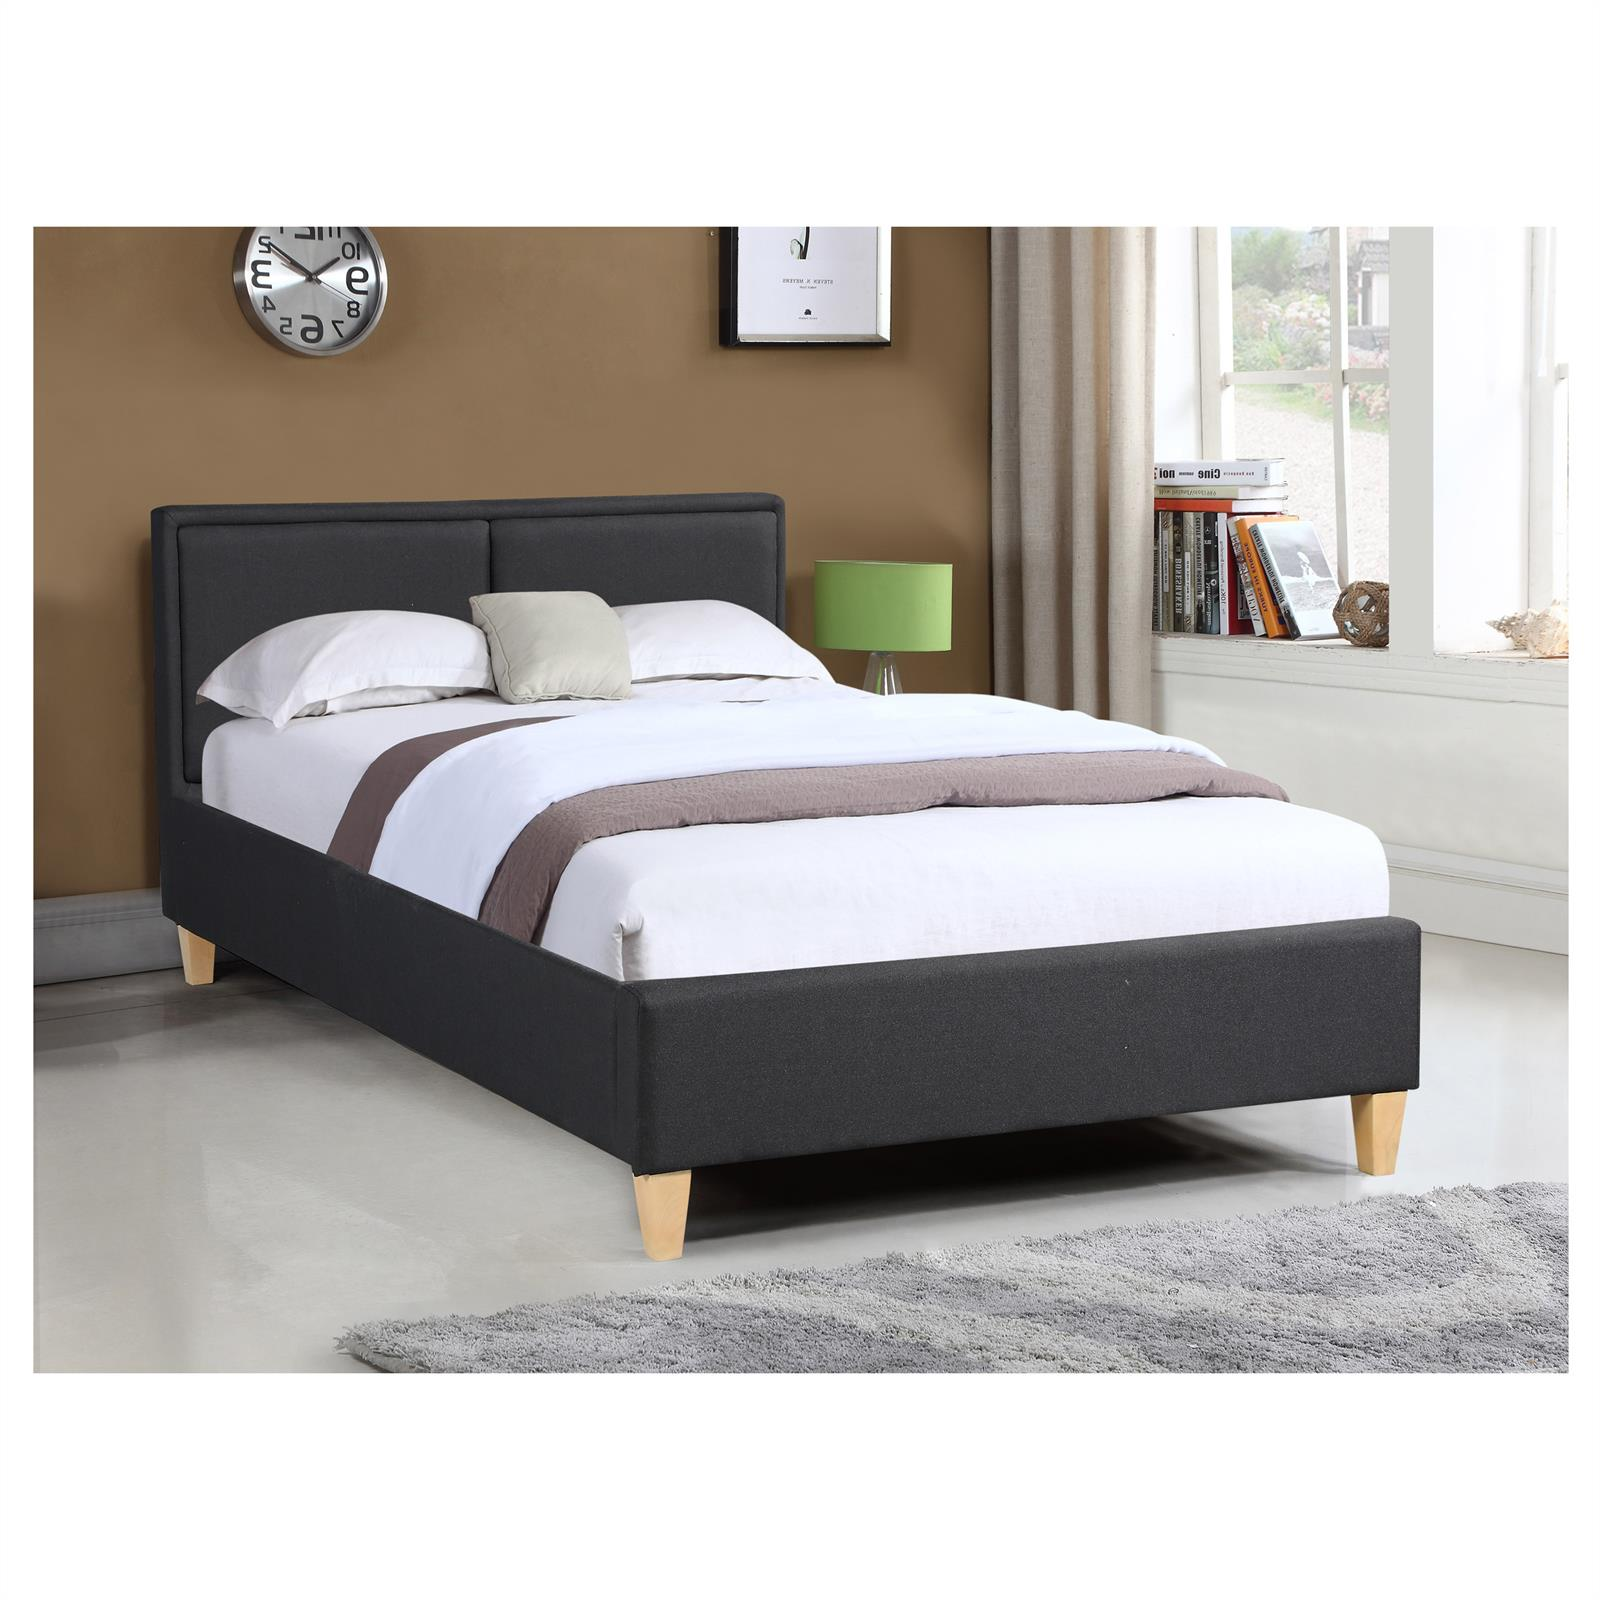 Polsterbett einzelbett 120x200 cm inkl rollrost for Einzelbett 120x200